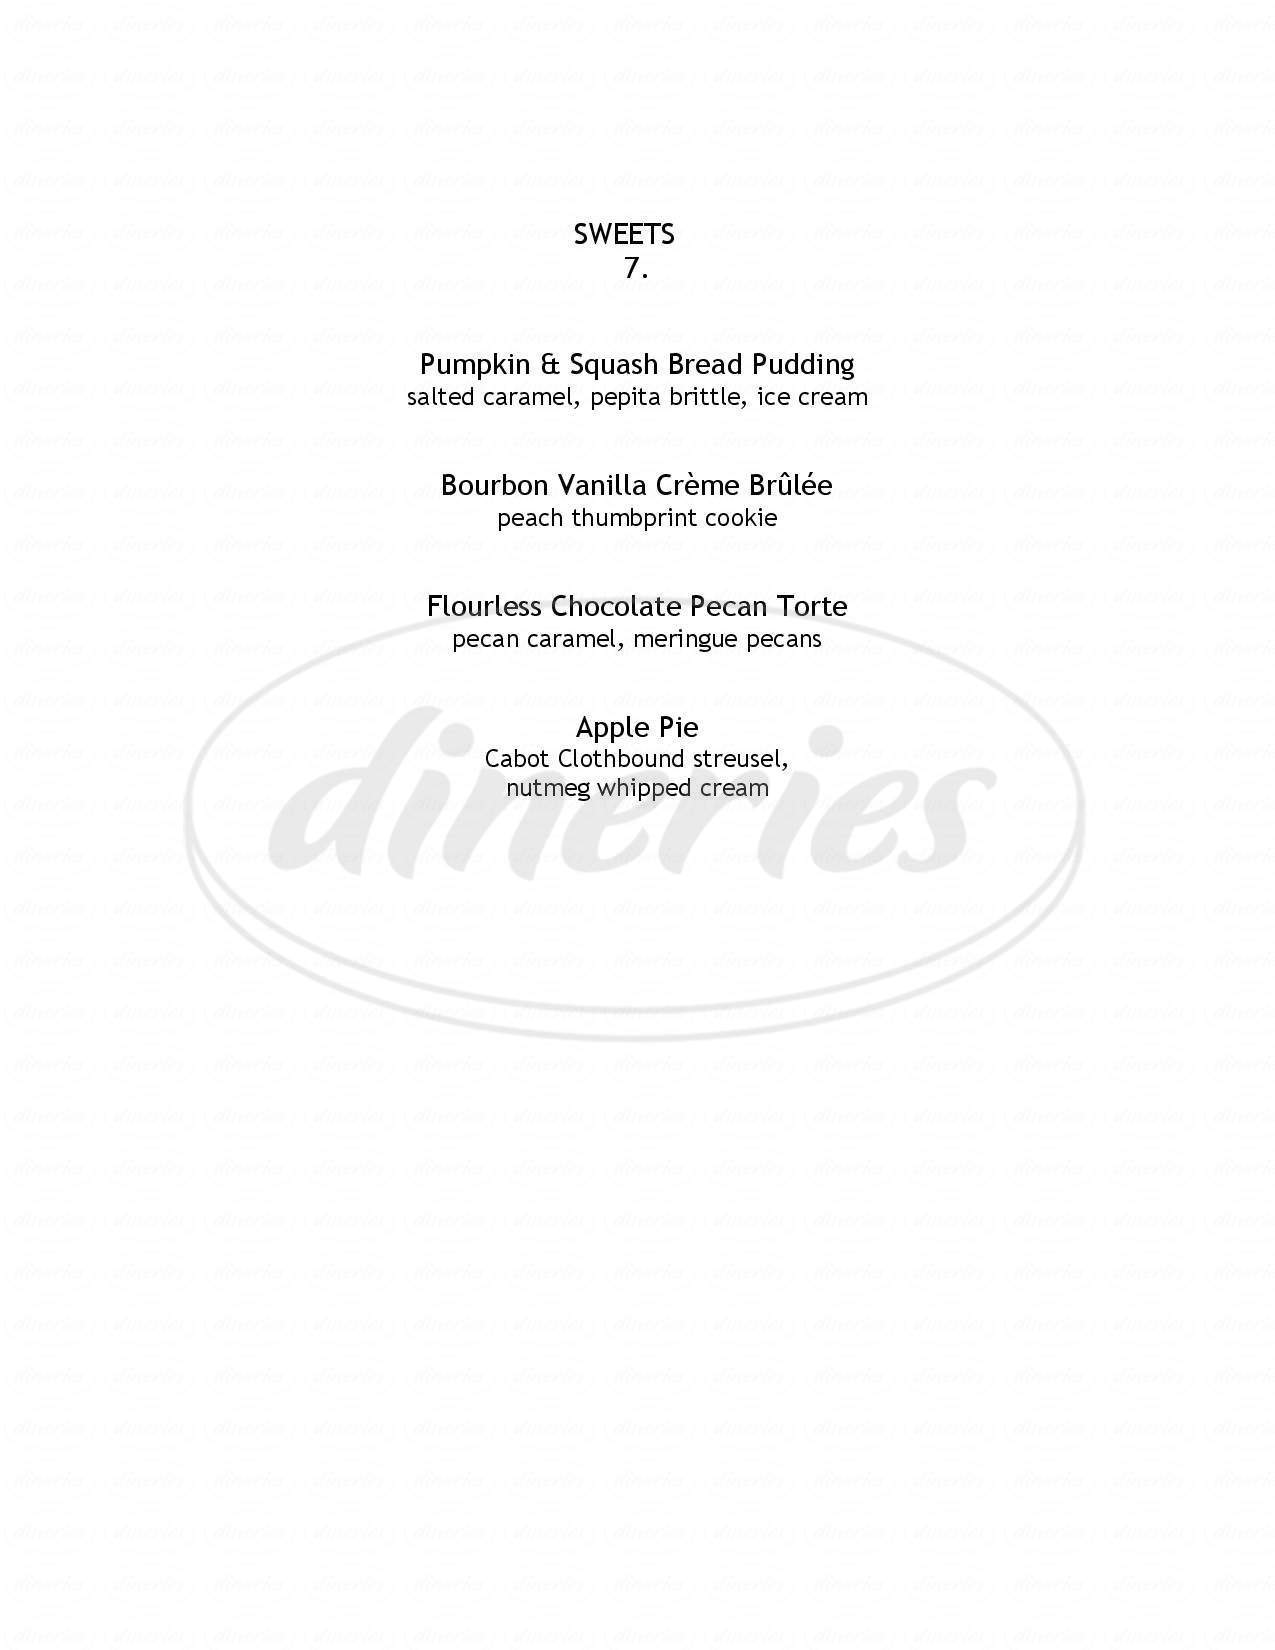 menu for Claire's Restaurant & Bar